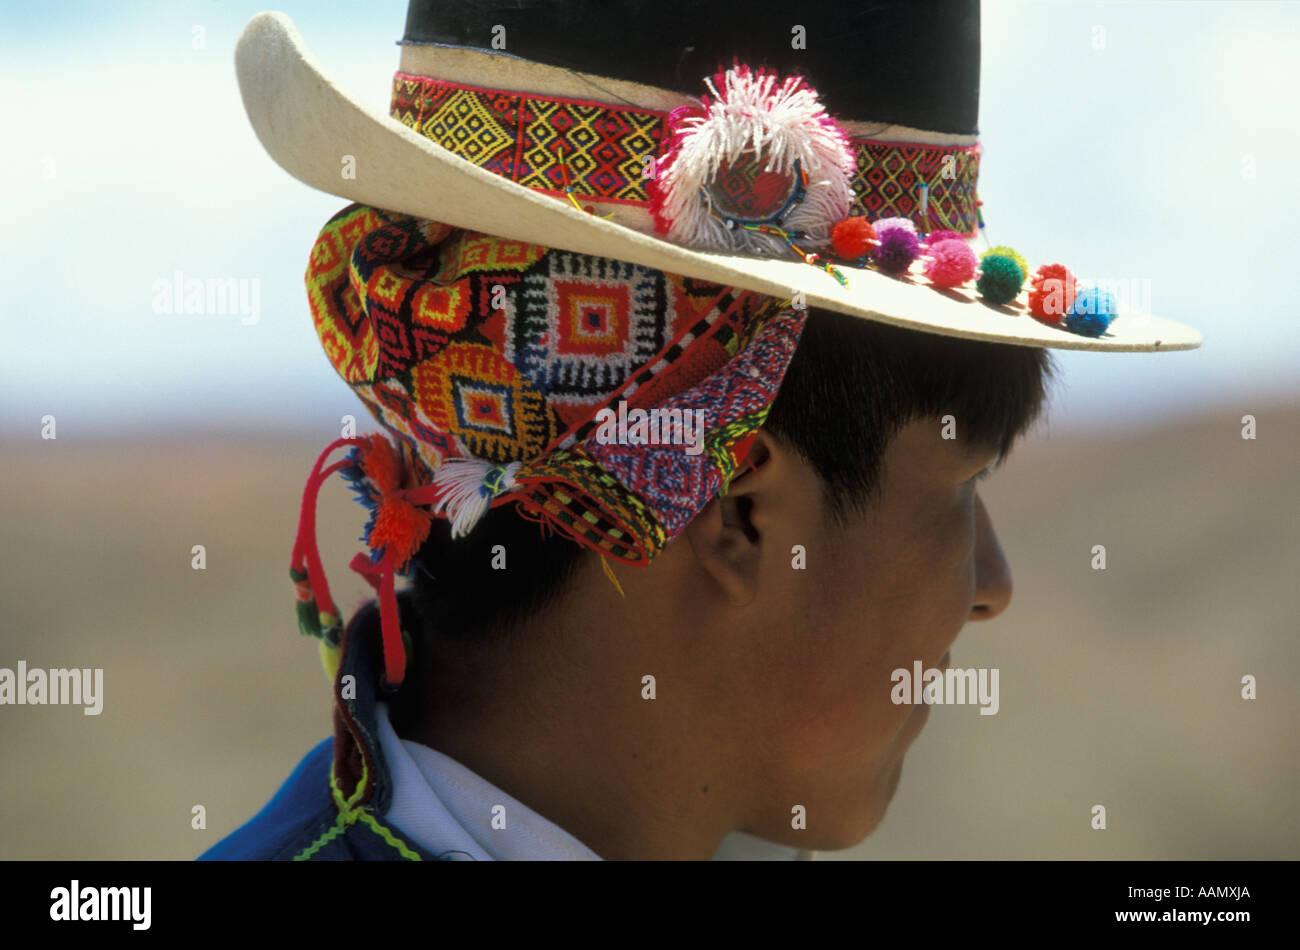 Un niño indio lleva un sombrero y coloridos headcloth tradicionales en los  Andes 7c4d9006dc7